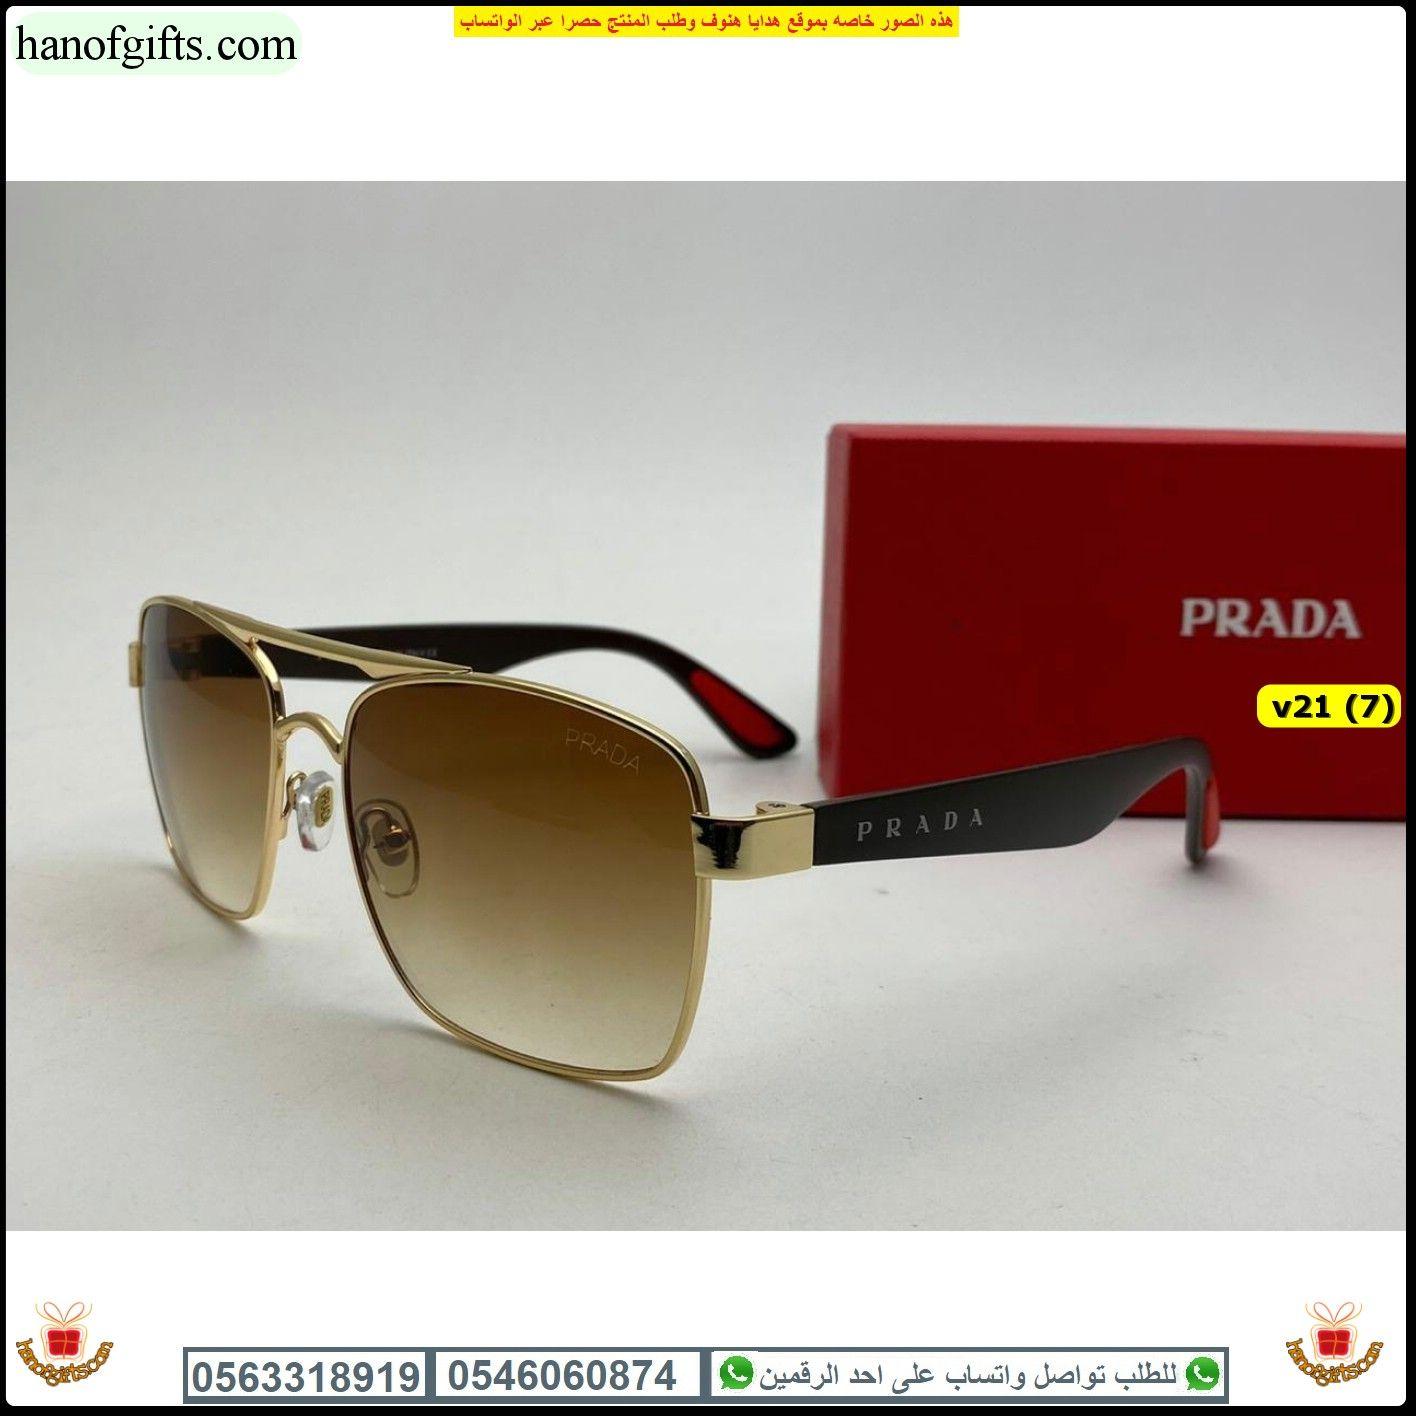 نظارات شمس برادا رجالى Prada احصل عليها مع ملحقات الماركة هدايا هنوف Sunglasses Glasses